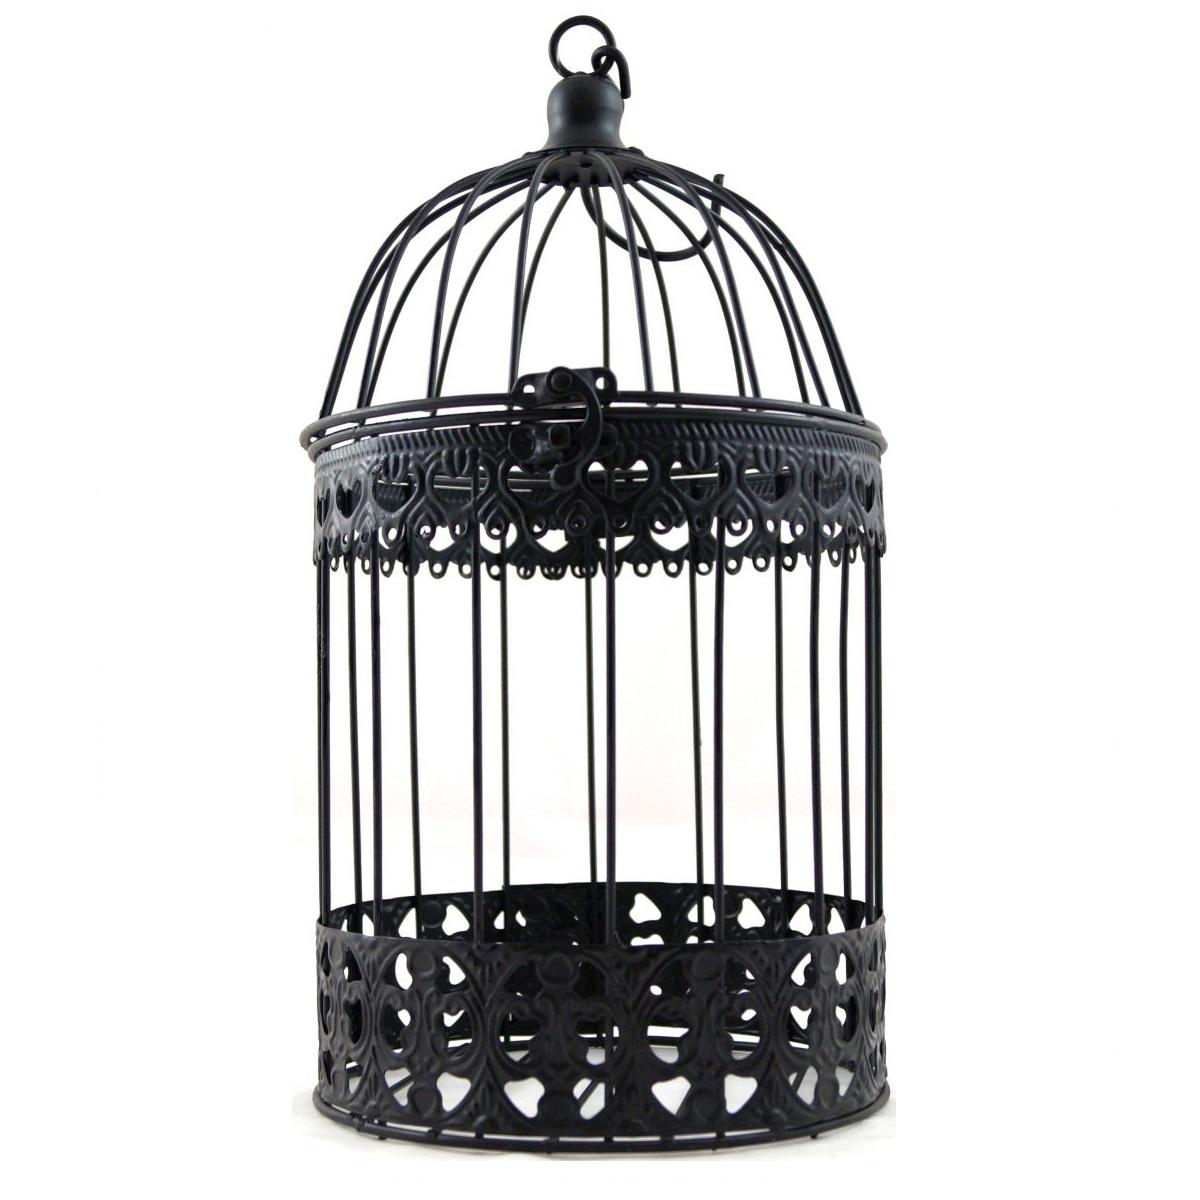 deko vogelk fig vogel k fig metall shabby look schwarz neu ebay. Black Bedroom Furniture Sets. Home Design Ideas